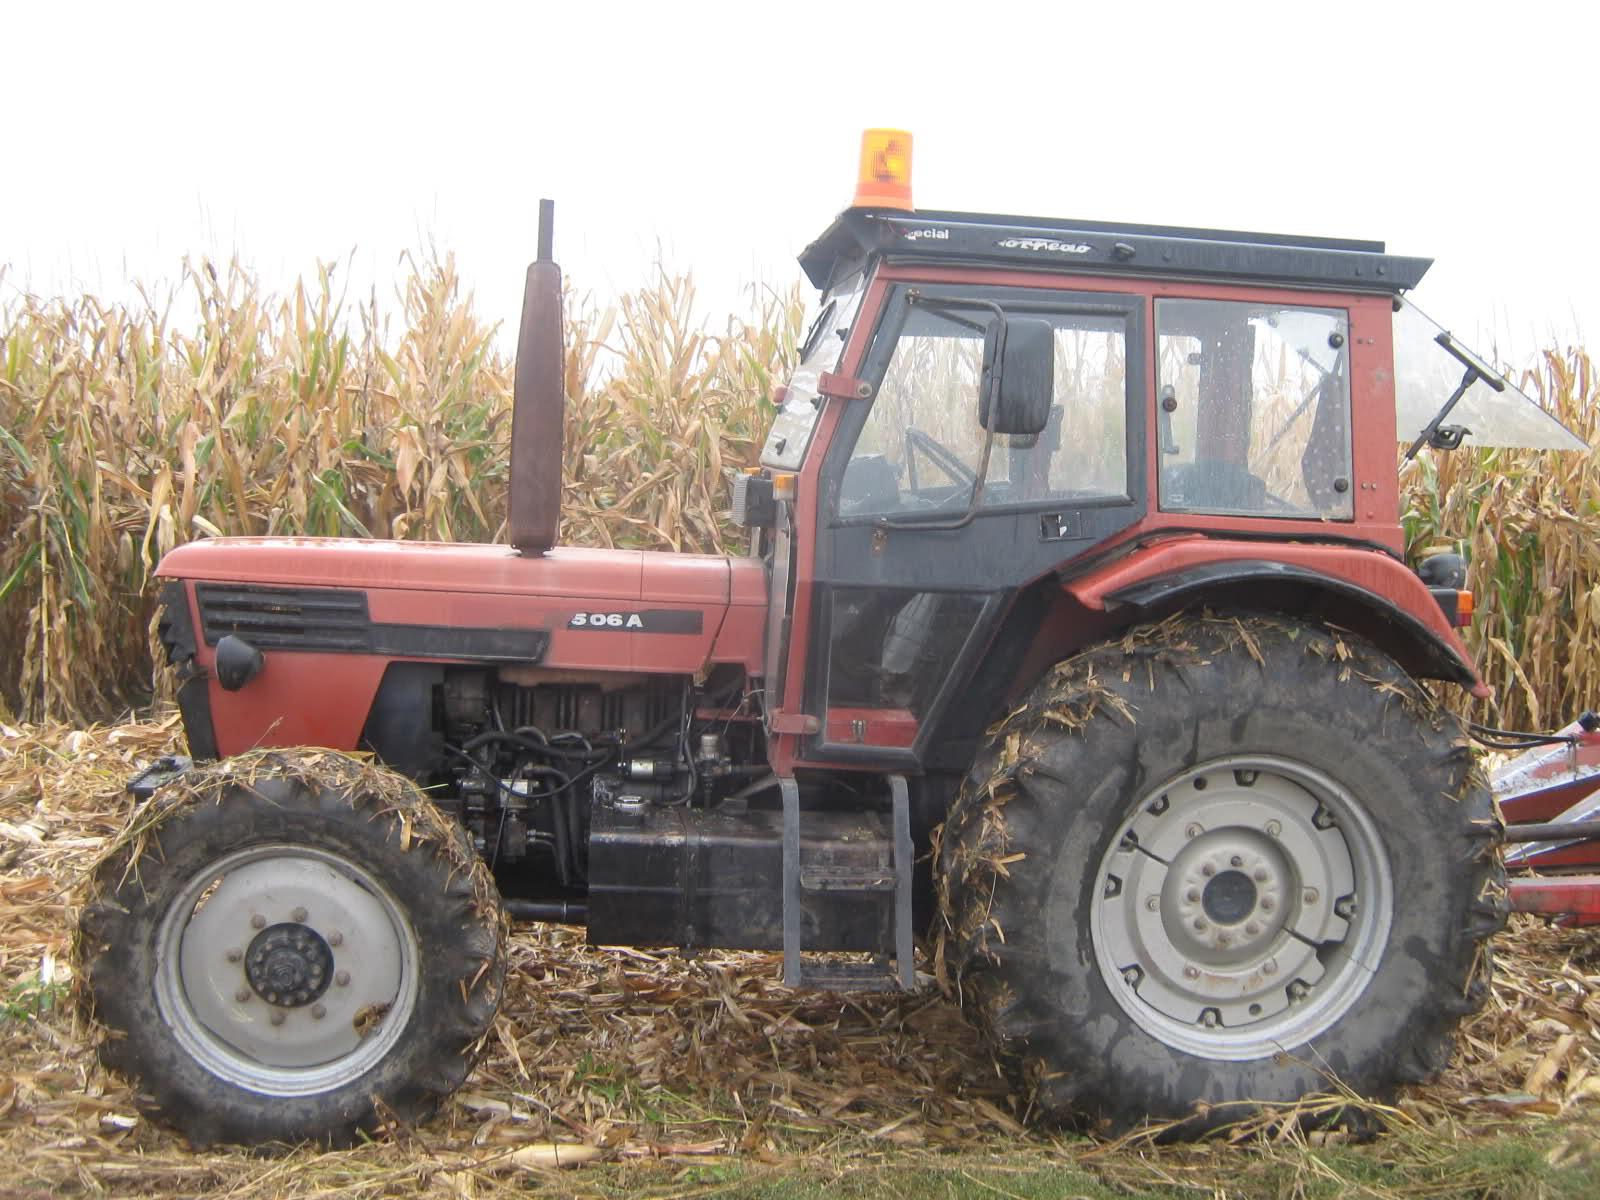 Zbog uporabe neregistriranog traktora nagrabusili službenici, njima nadređeni nevini